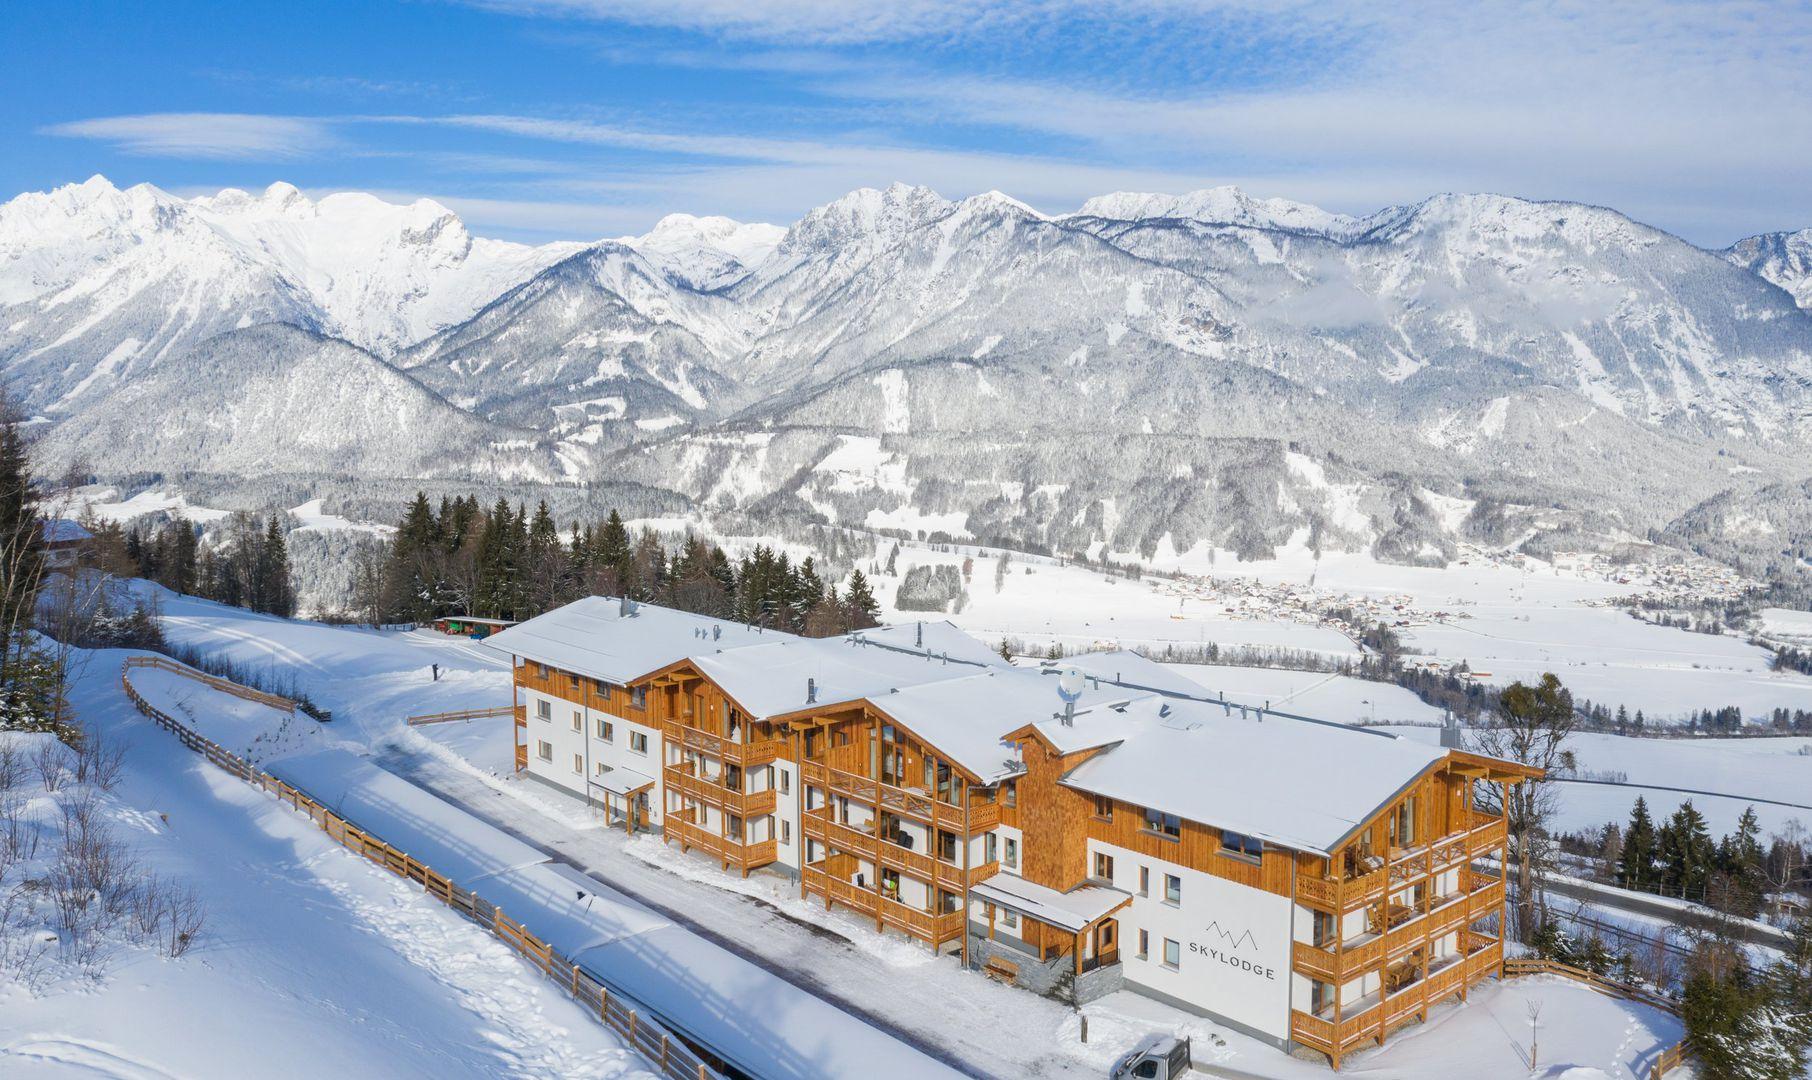 Skylodge Alpine Homes